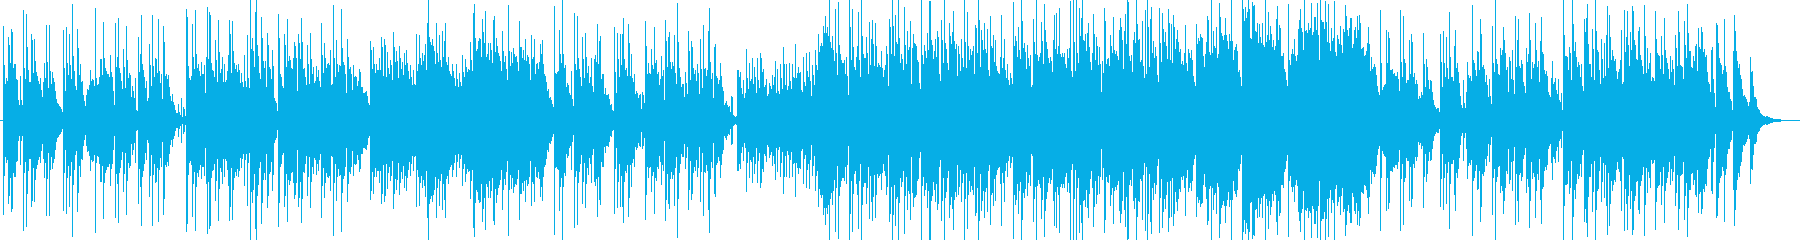 柔らかいリラクゼーションミュージックの再生済みの波形